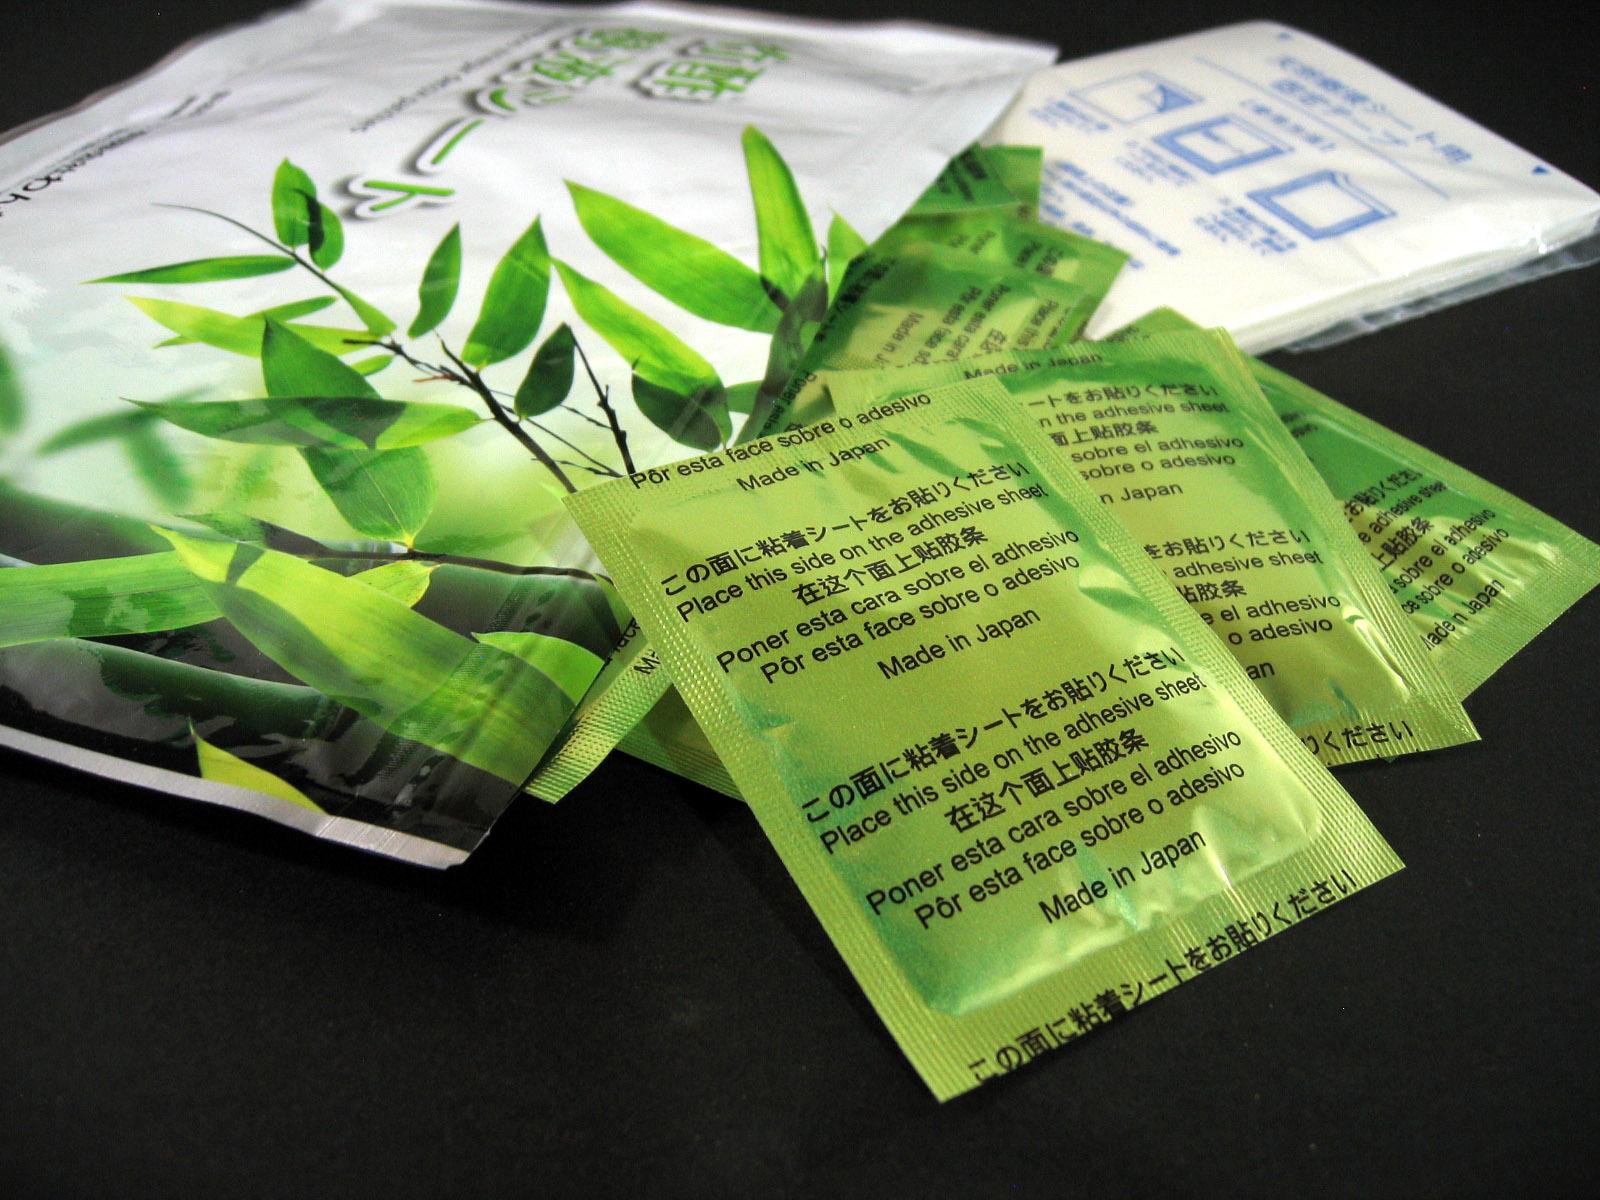 竹酢樹液シート。竹酢液を使用し、性能を高め、漏れ溢れる程濡れる竹酢樹液シートです。